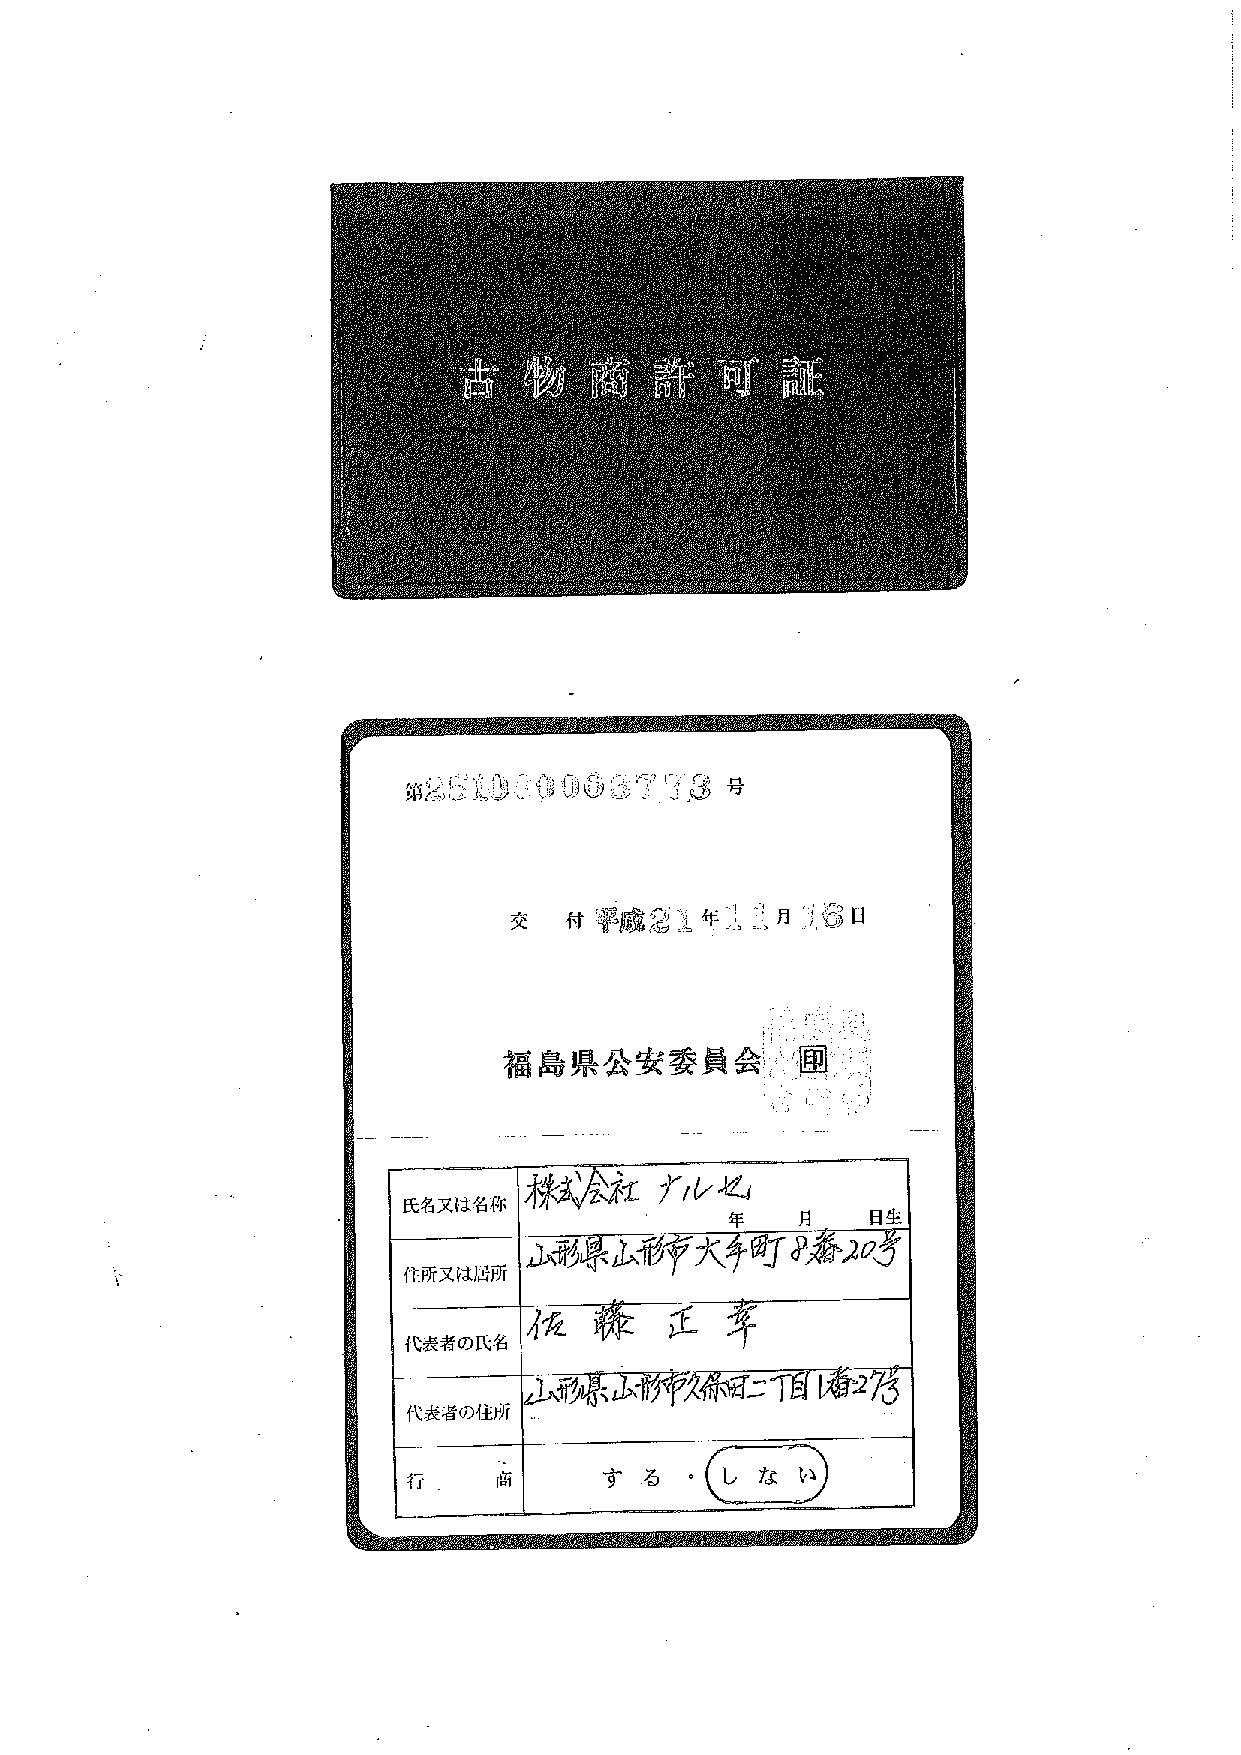 福島県公安委員会許可 第251080003773号